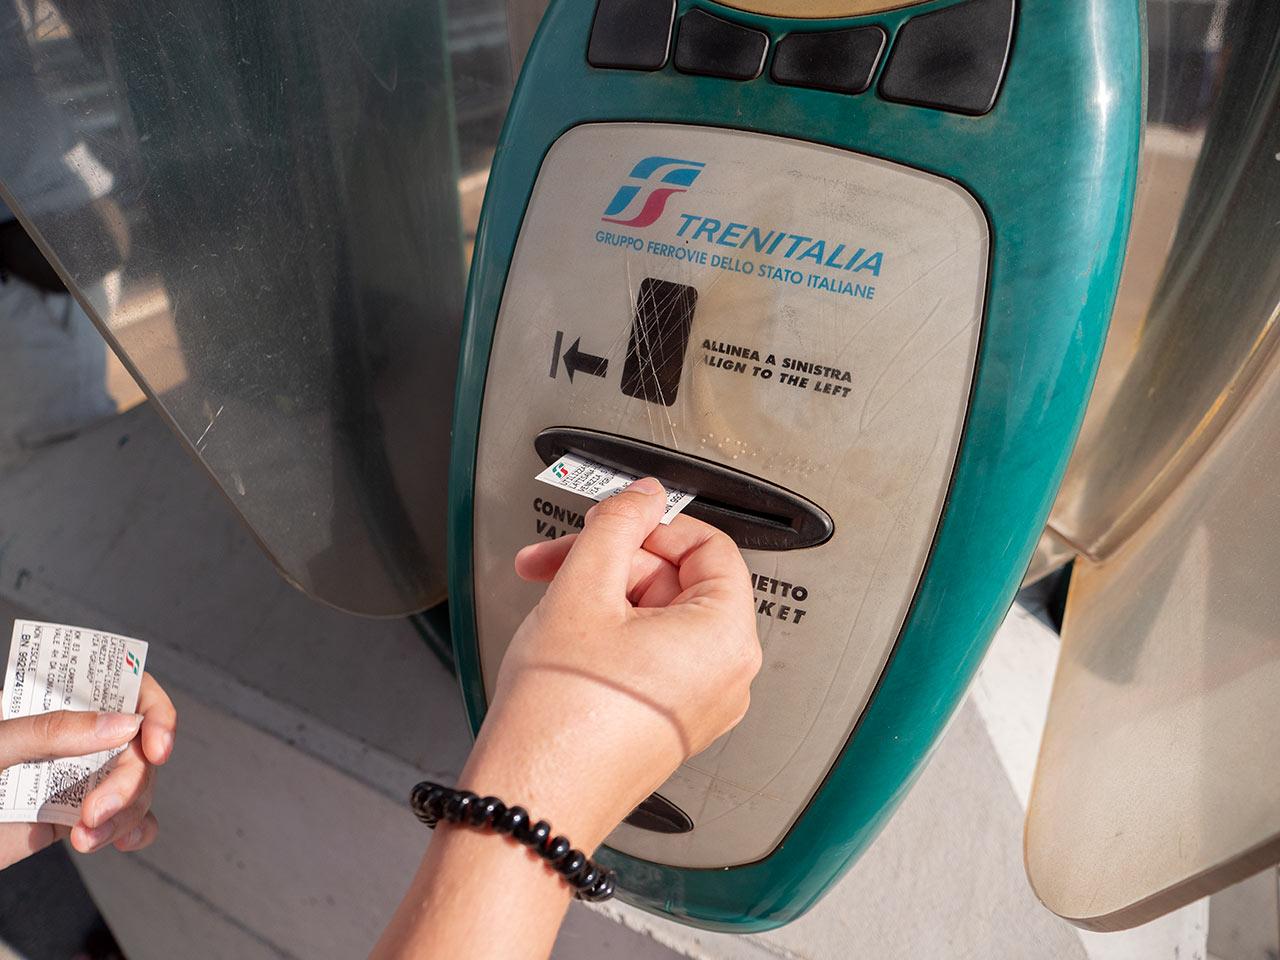 So entwertet man seine Fahrkarte an italienischen Bahnhöfen!